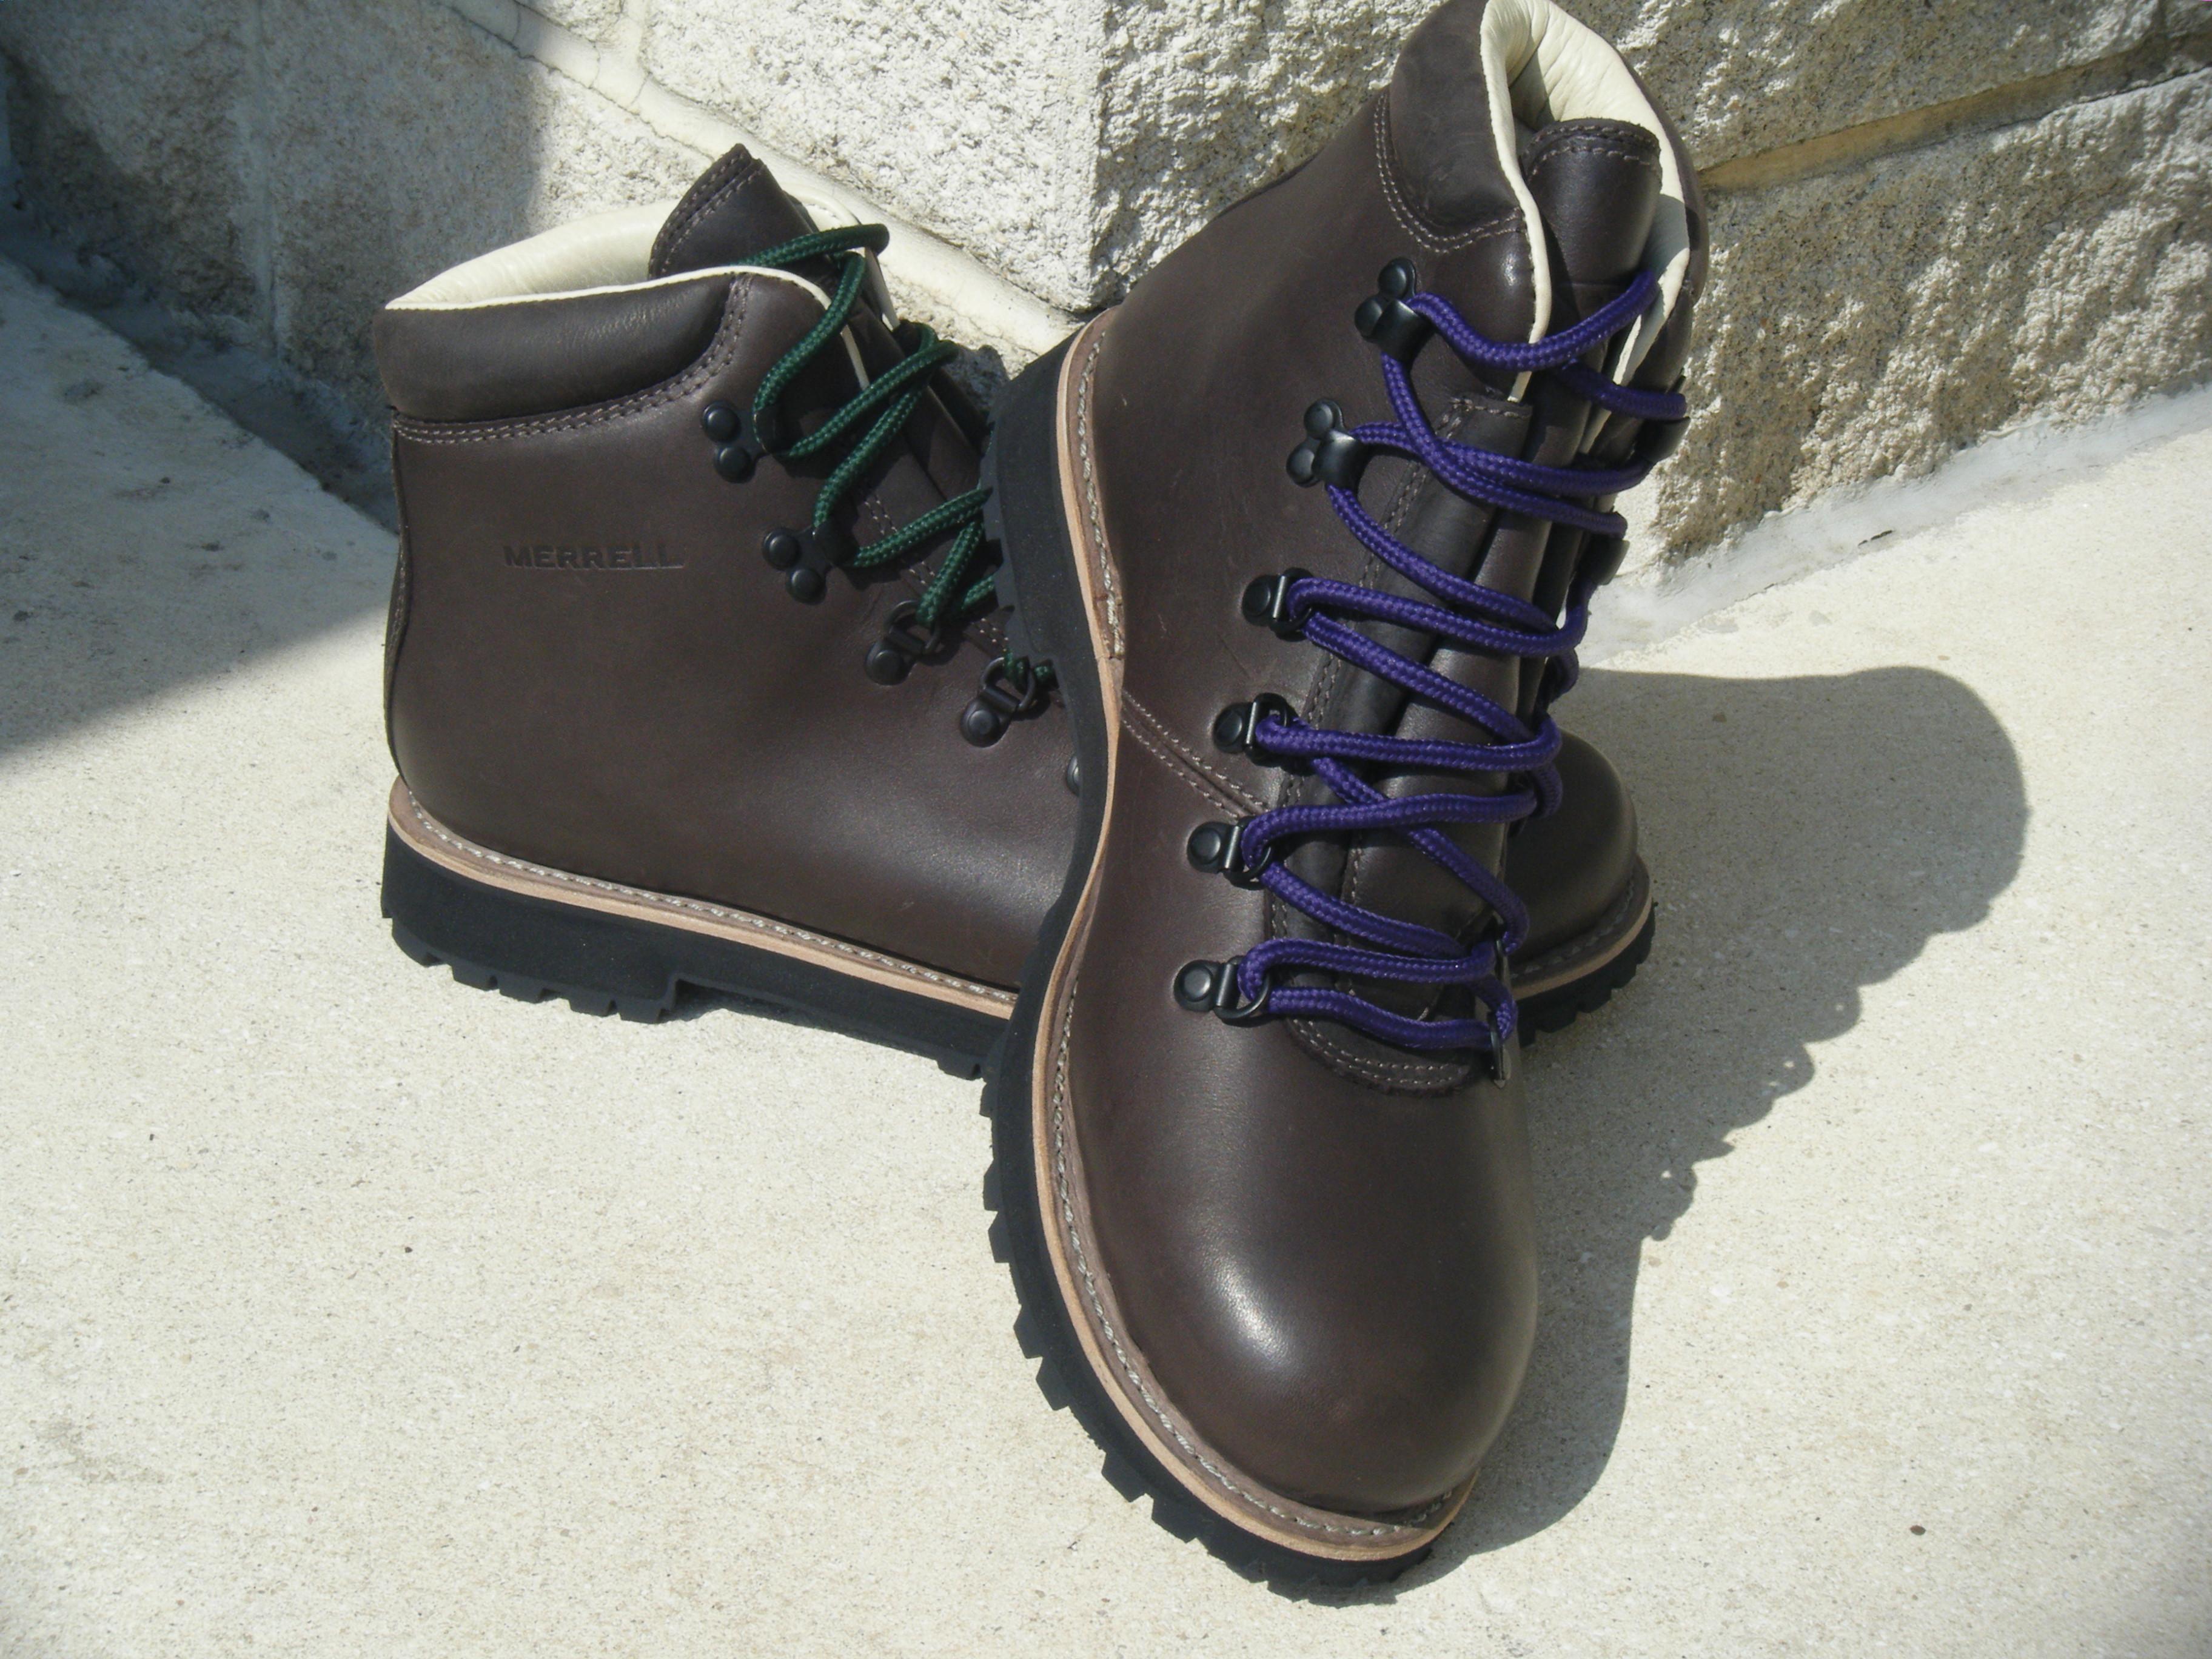 d7269e02d0d Merrell Wilderness Canyon | Good Sports Outdoor Outfitters